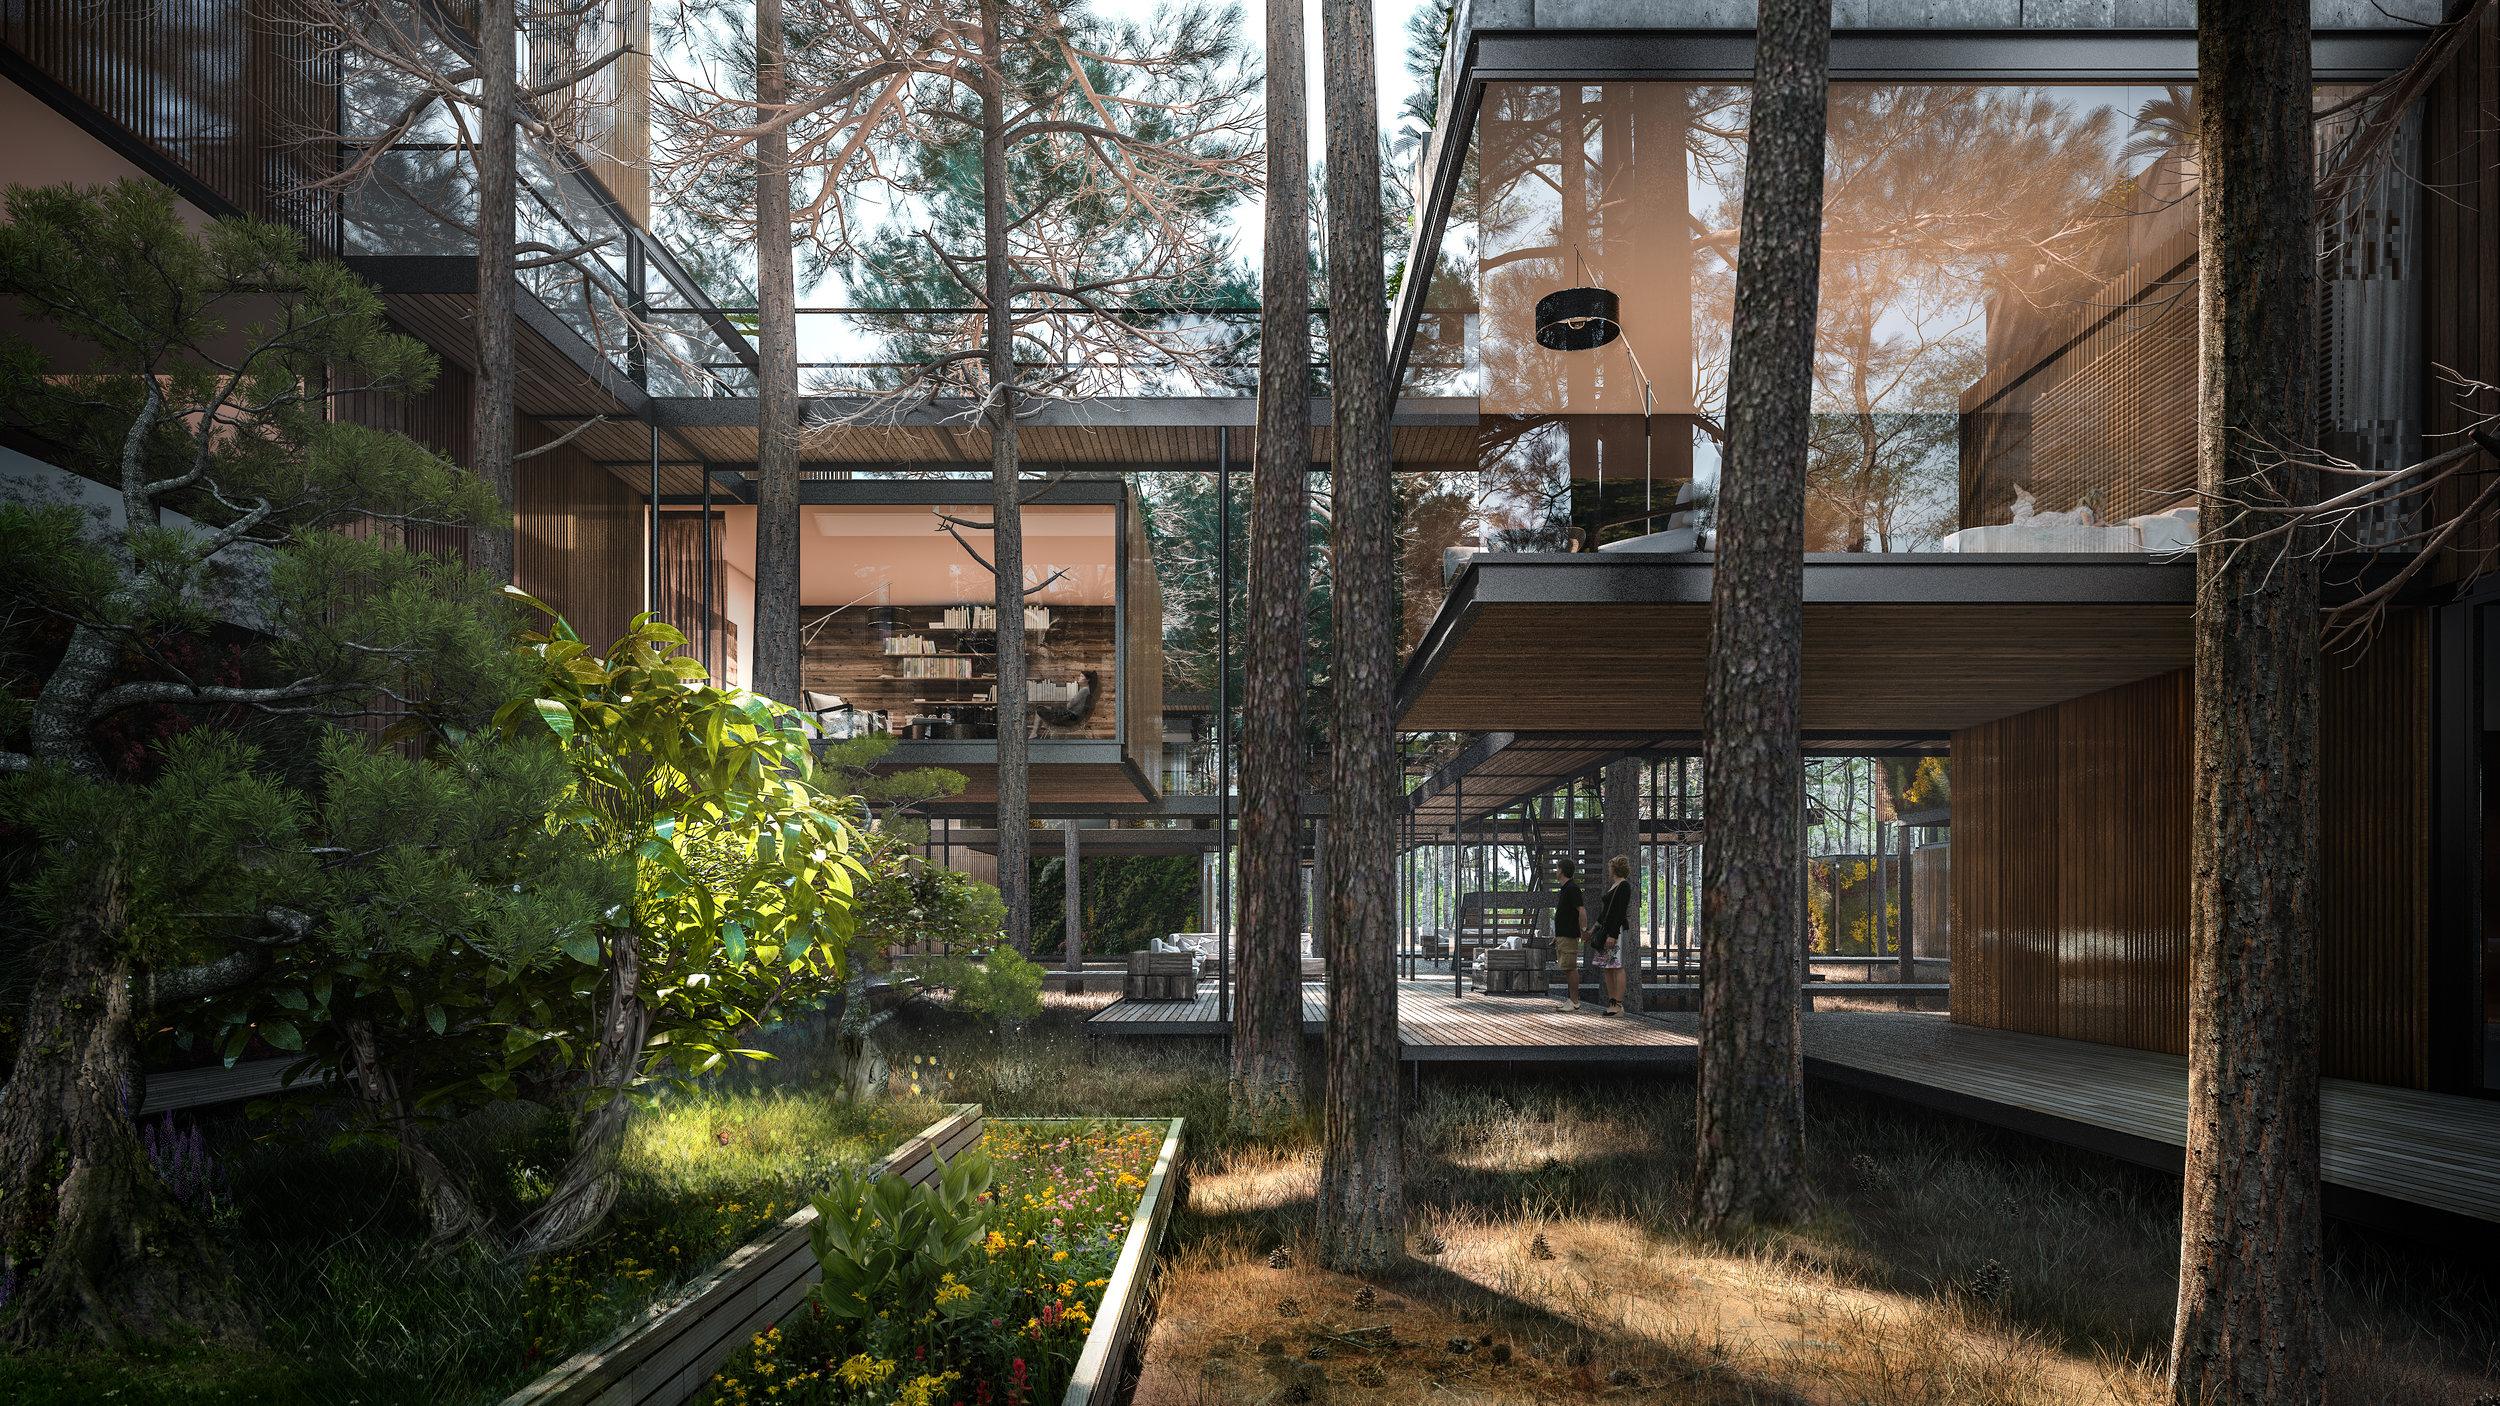 mth_vr_Hotel Habitaciones_View 02_a04.jpg